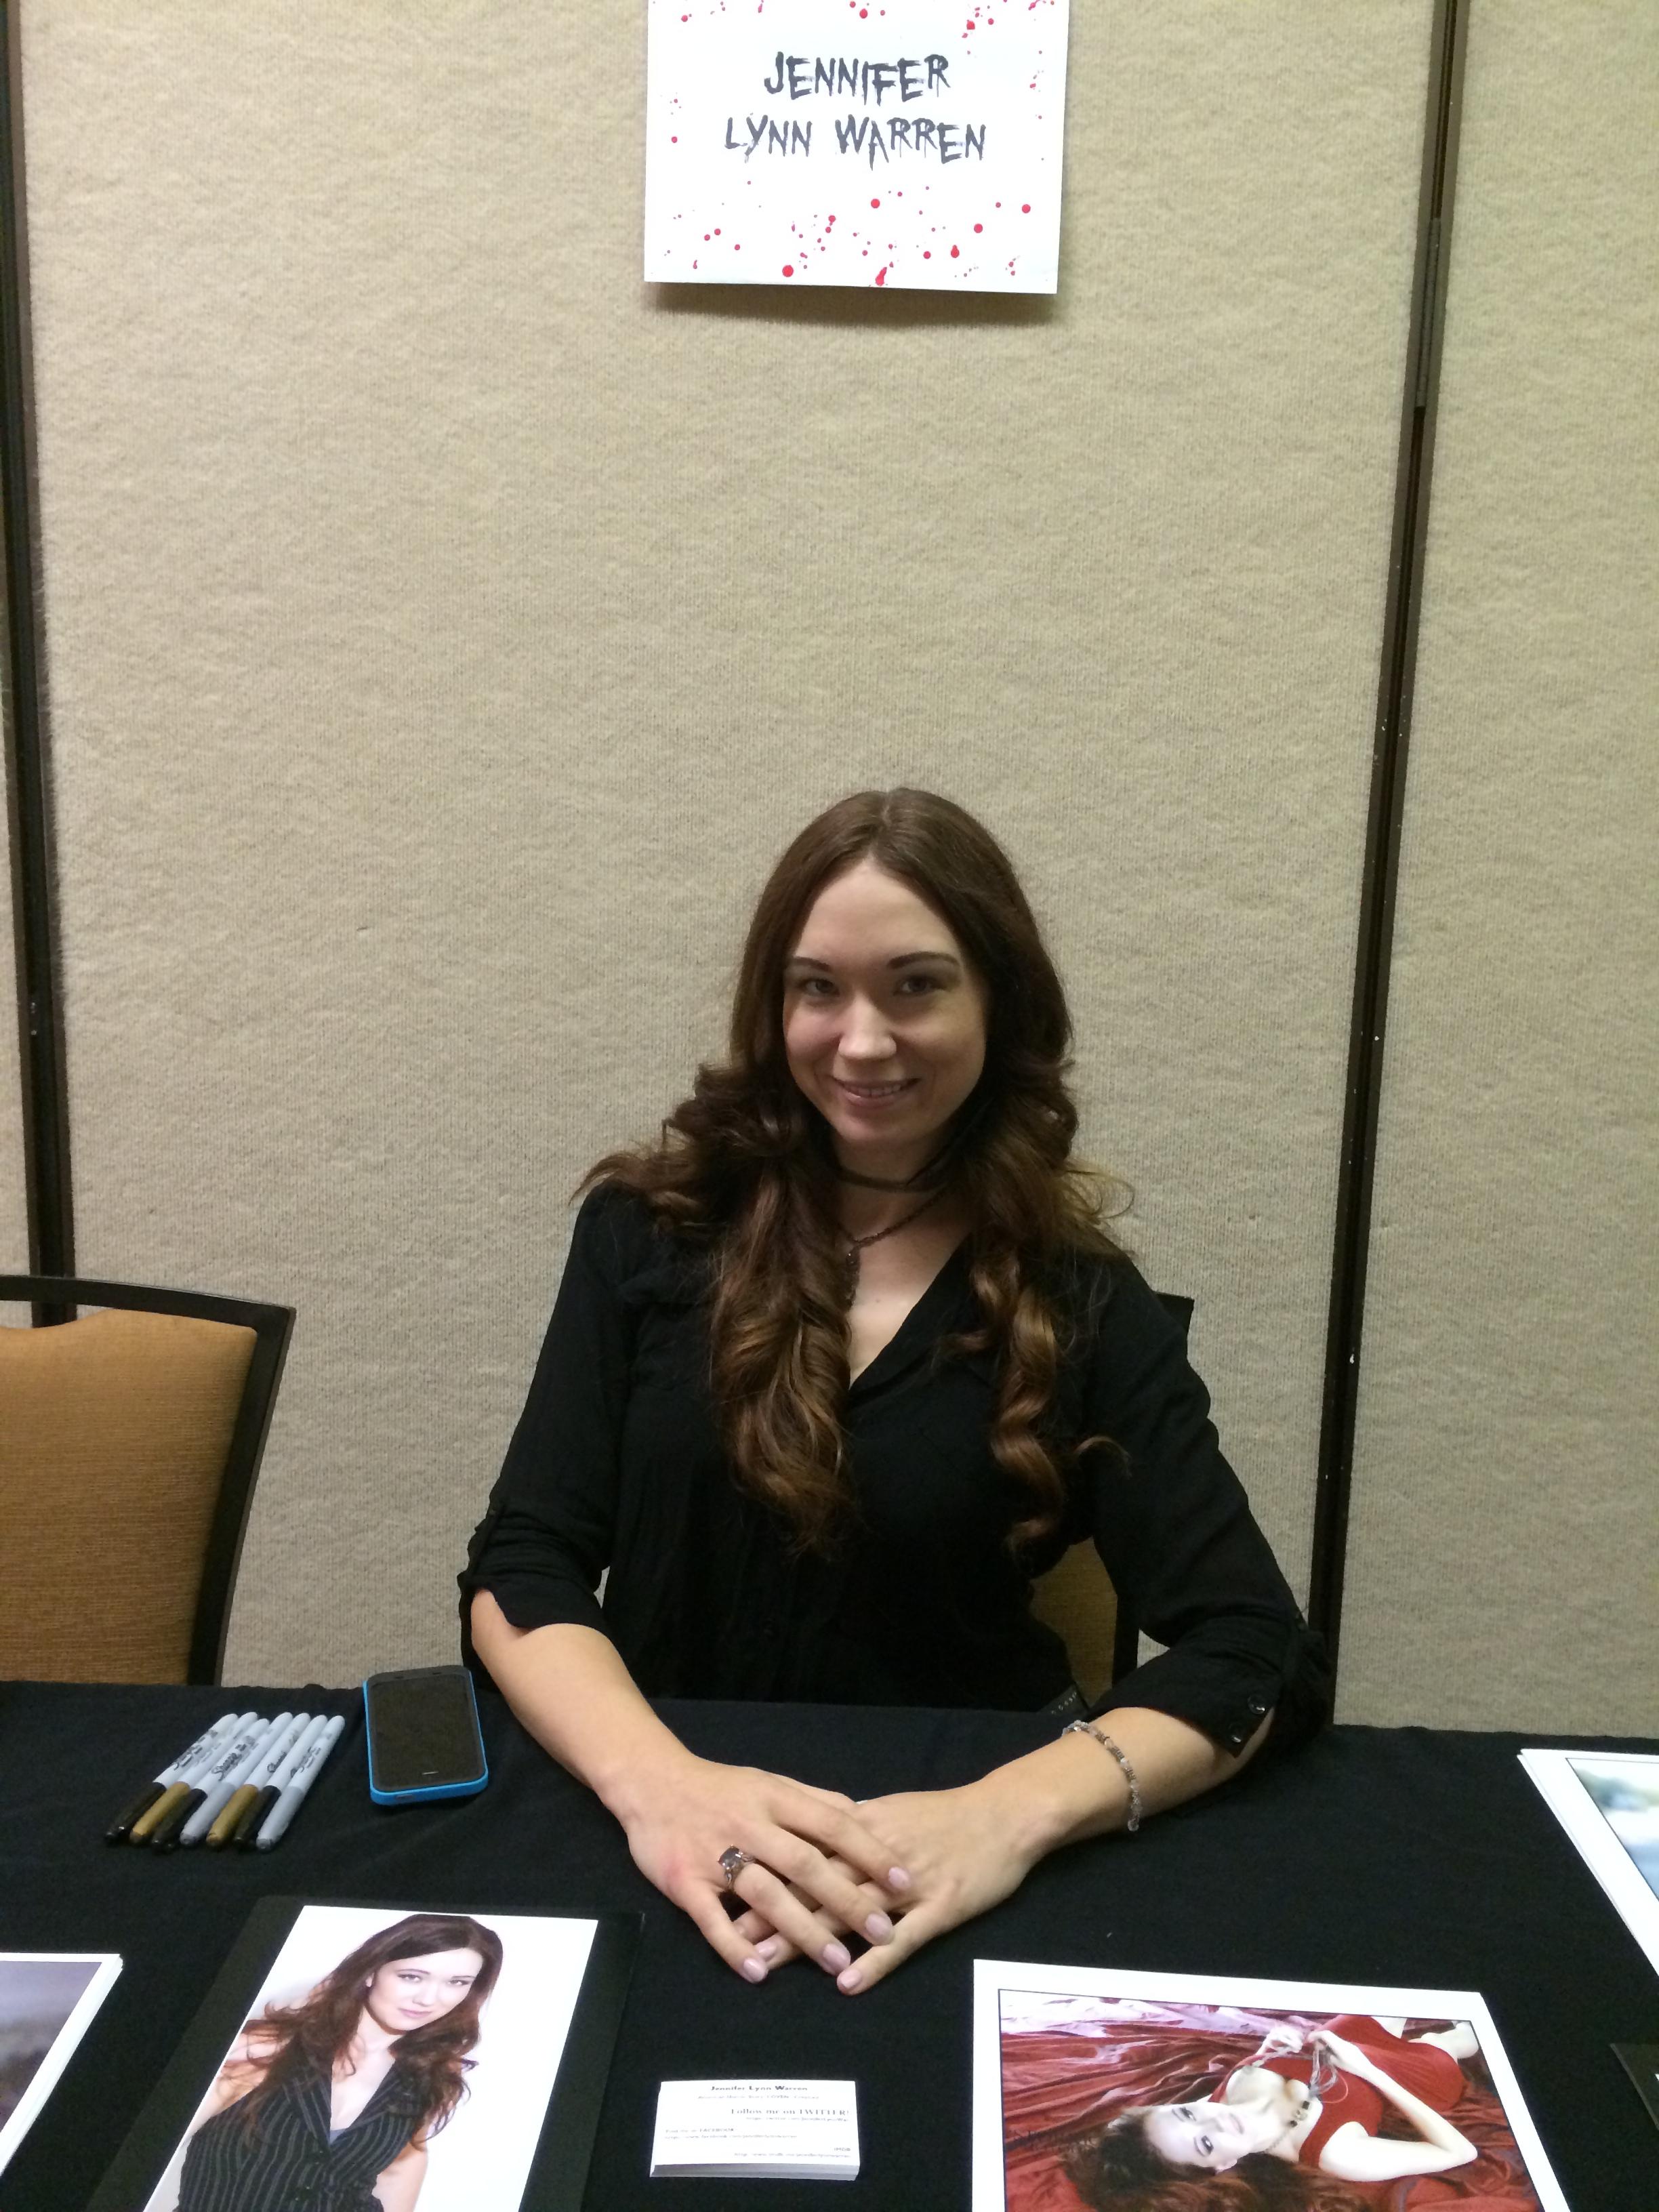 Jennifer Lynn Warren | Jason Harris Promotions